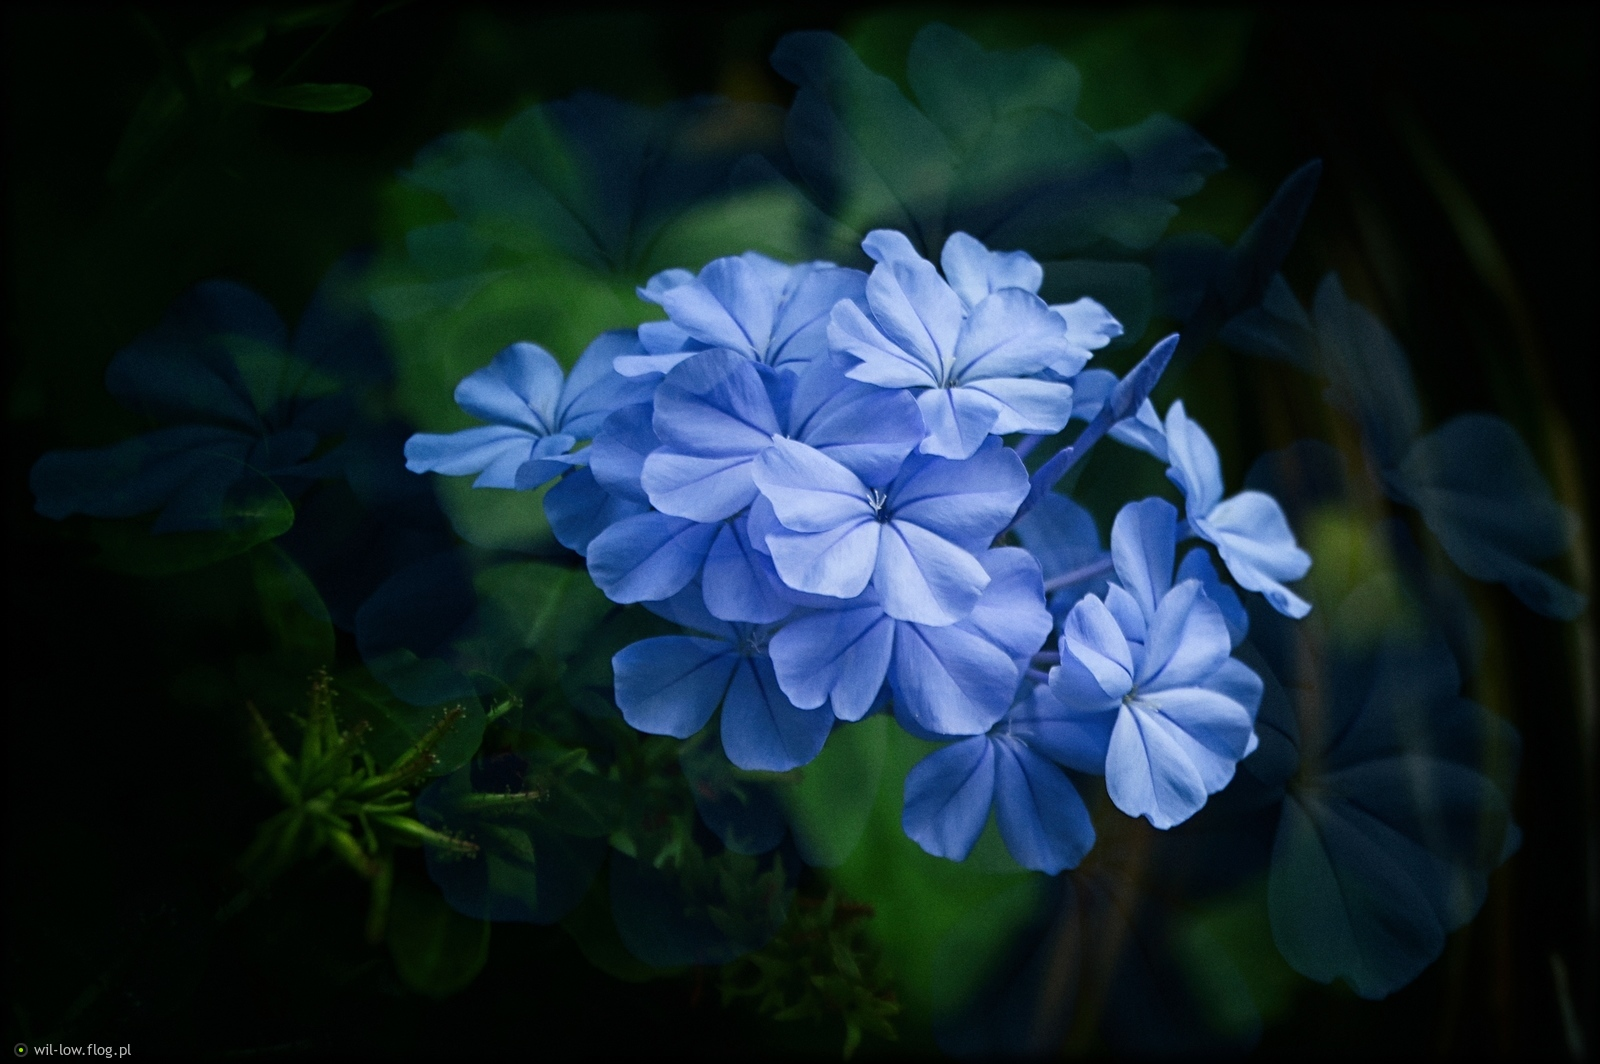 7633f844070dca blue - Fotoblog wil-low.flog.pl